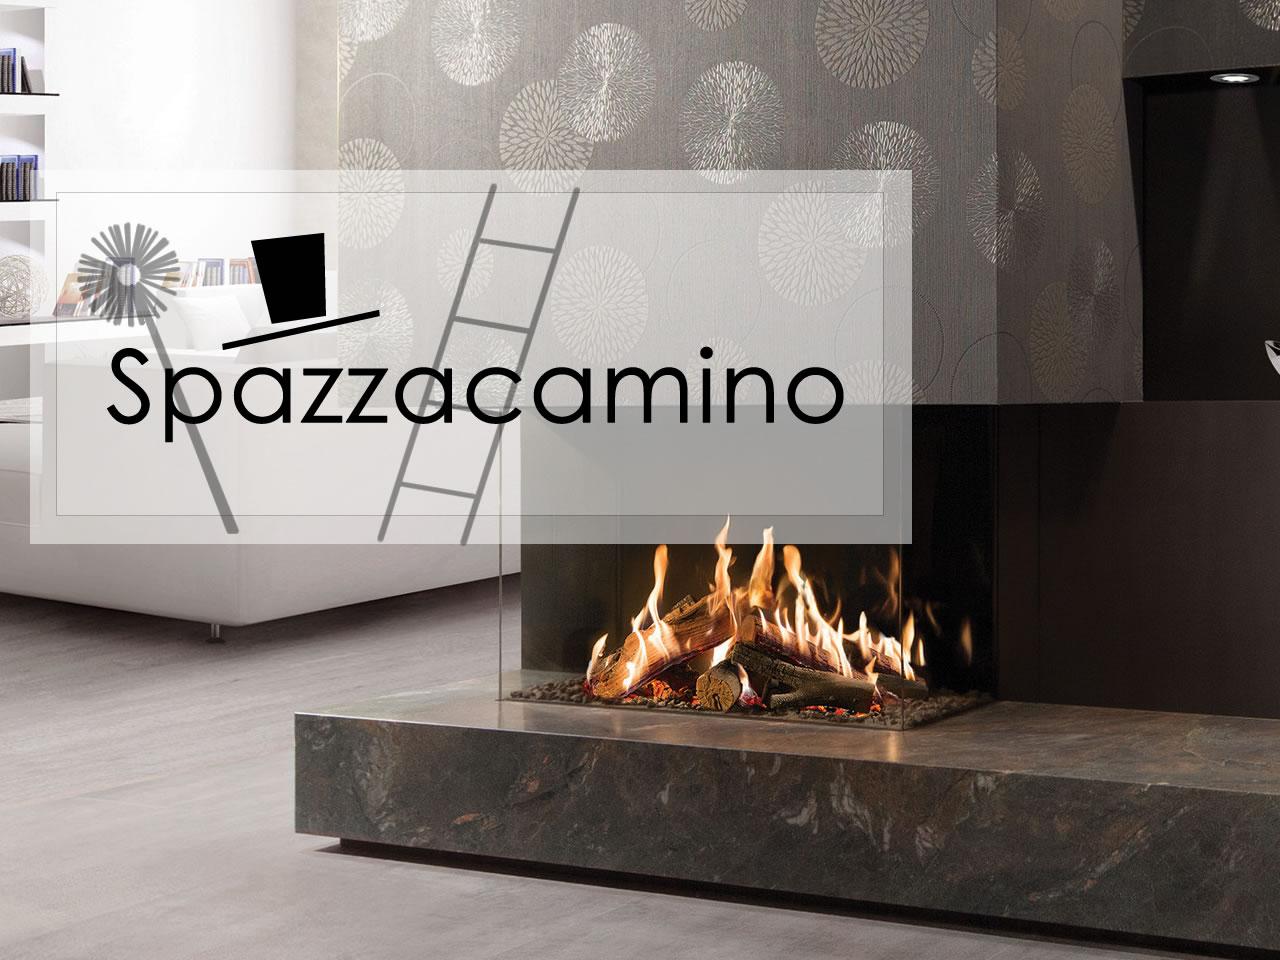 Quarto Oggiaro Milano - Spazzacamino Canna Fumaria a Quarto Oggiaro Milano